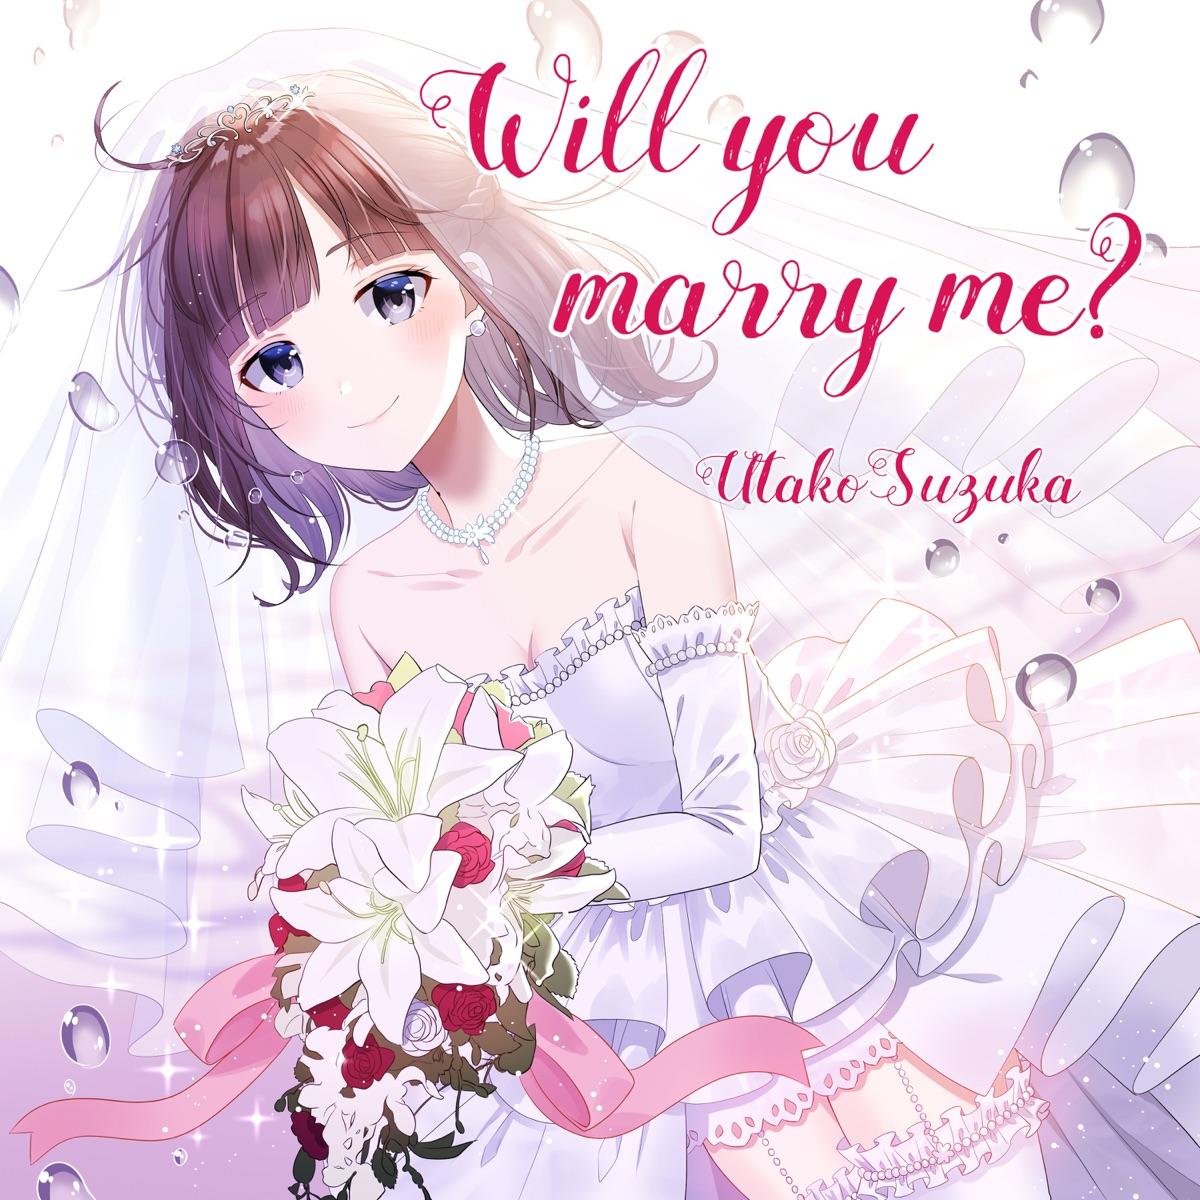 『鈴鹿詩子 - Will you marry me? 歌詞』収録の『Will you marry me?』ジャケット